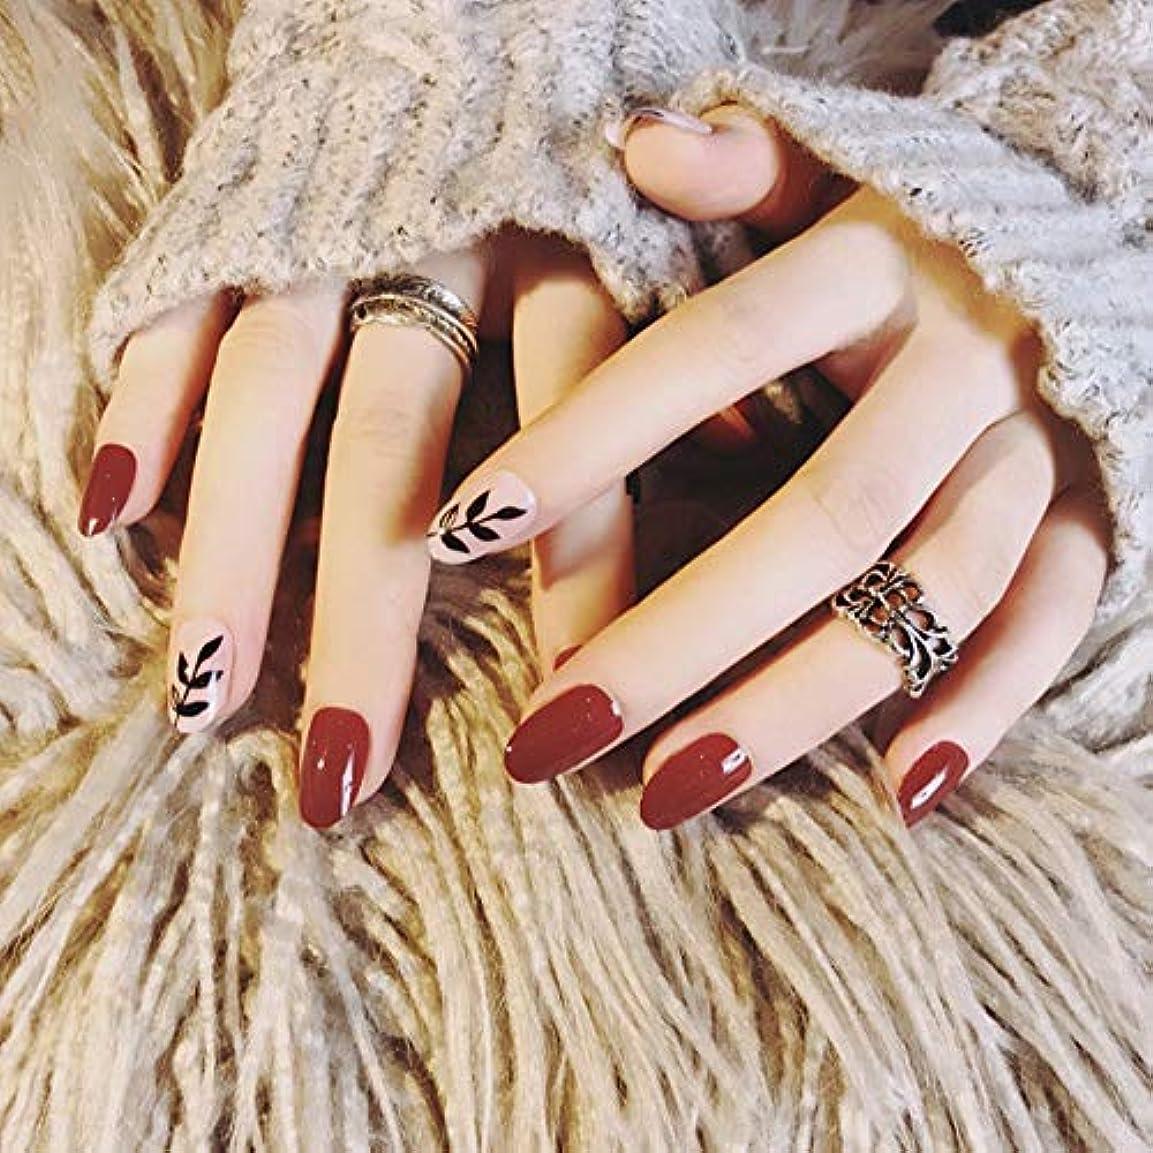 適応人生を作る服を着るXUTXZKA 24本の偽の爪楕円形の長い赤黒葉フルカバー偽ネイル用ホーム